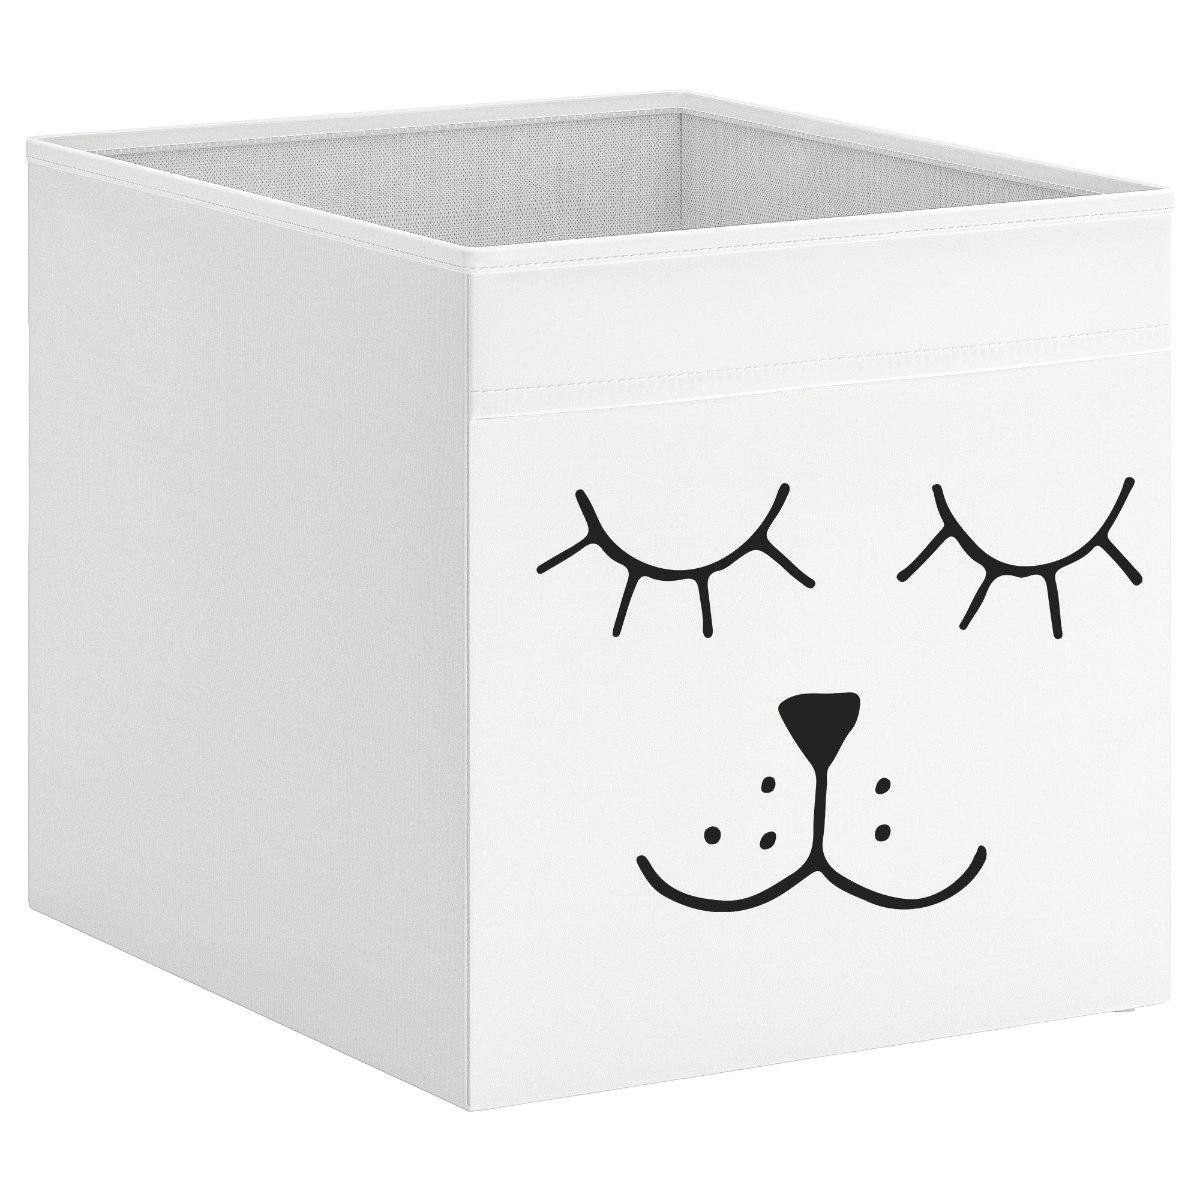 קופסת אחסון לכוורת עם הדפס- פנים של אריה